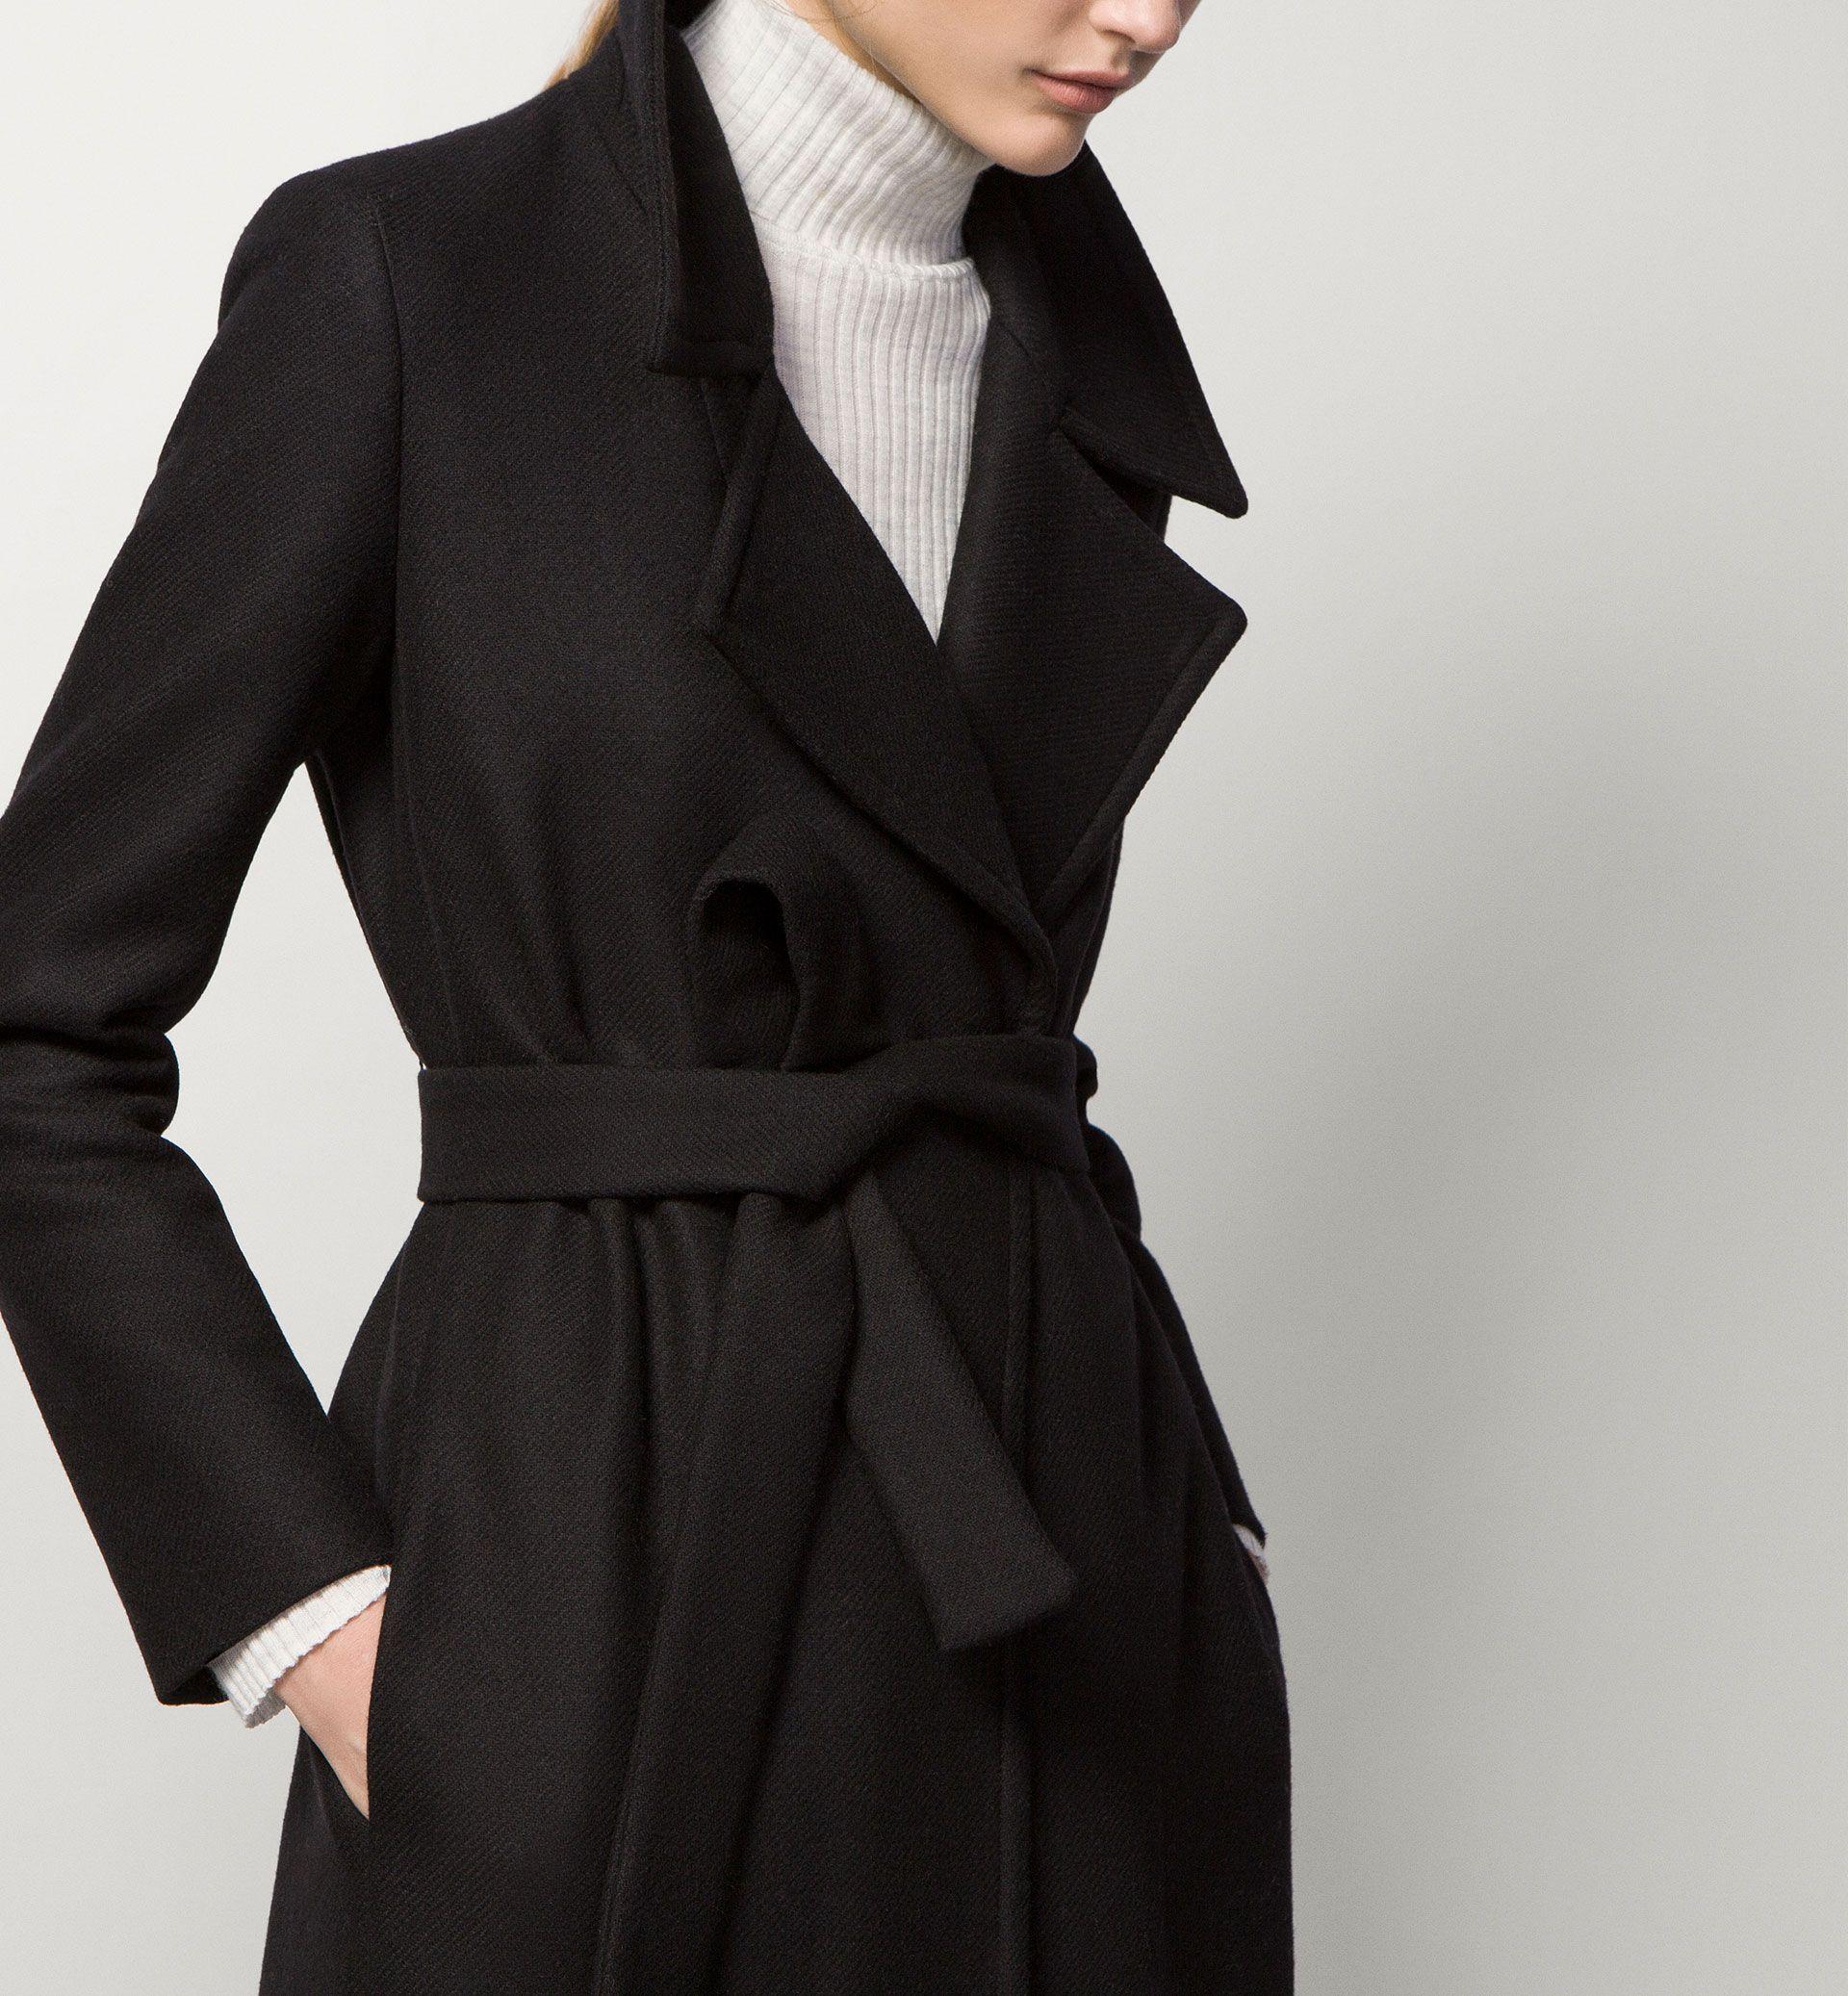 Vestidos todos de negro venian dos caballeros